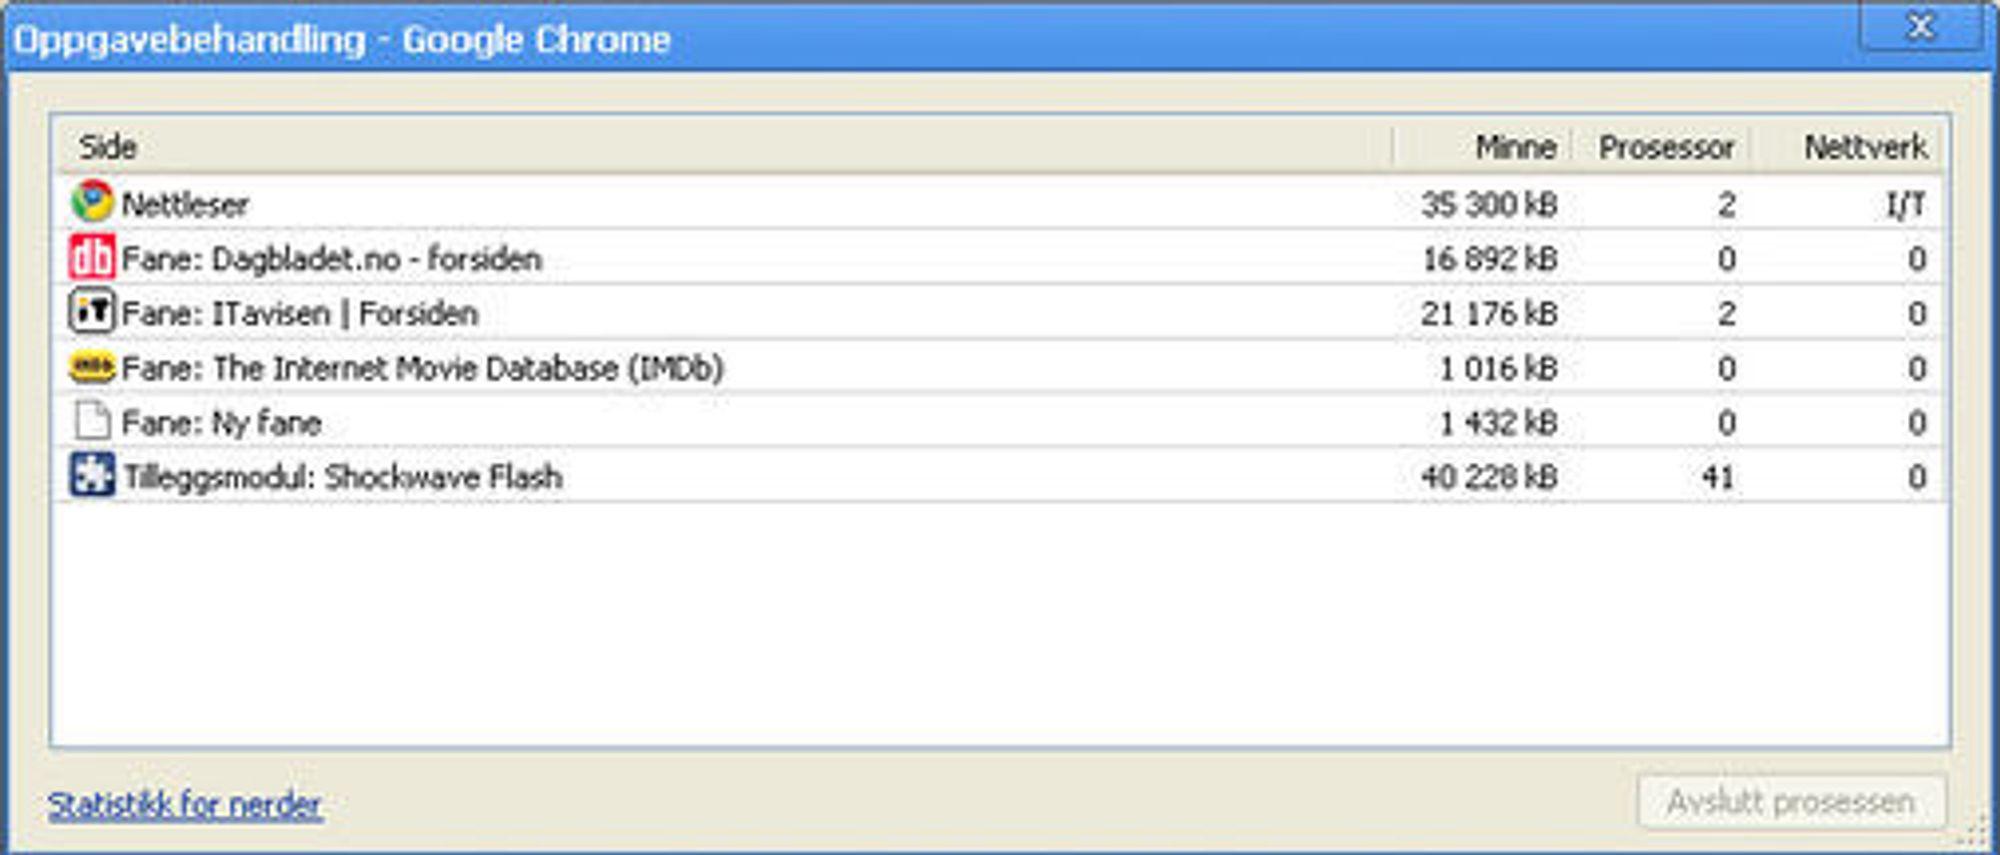 Google Chrome Oppgavebehandling